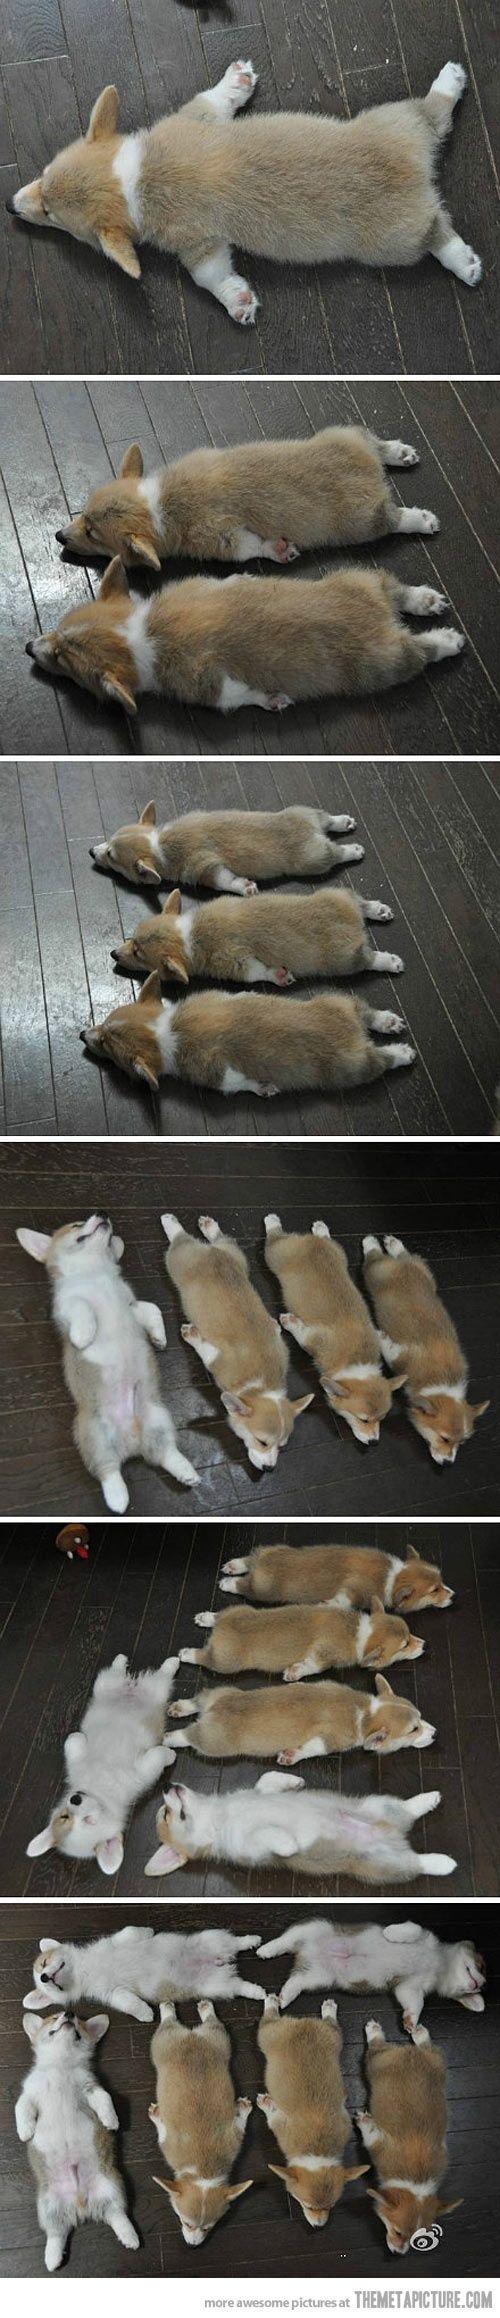 I just want a herd of corgi puppies.